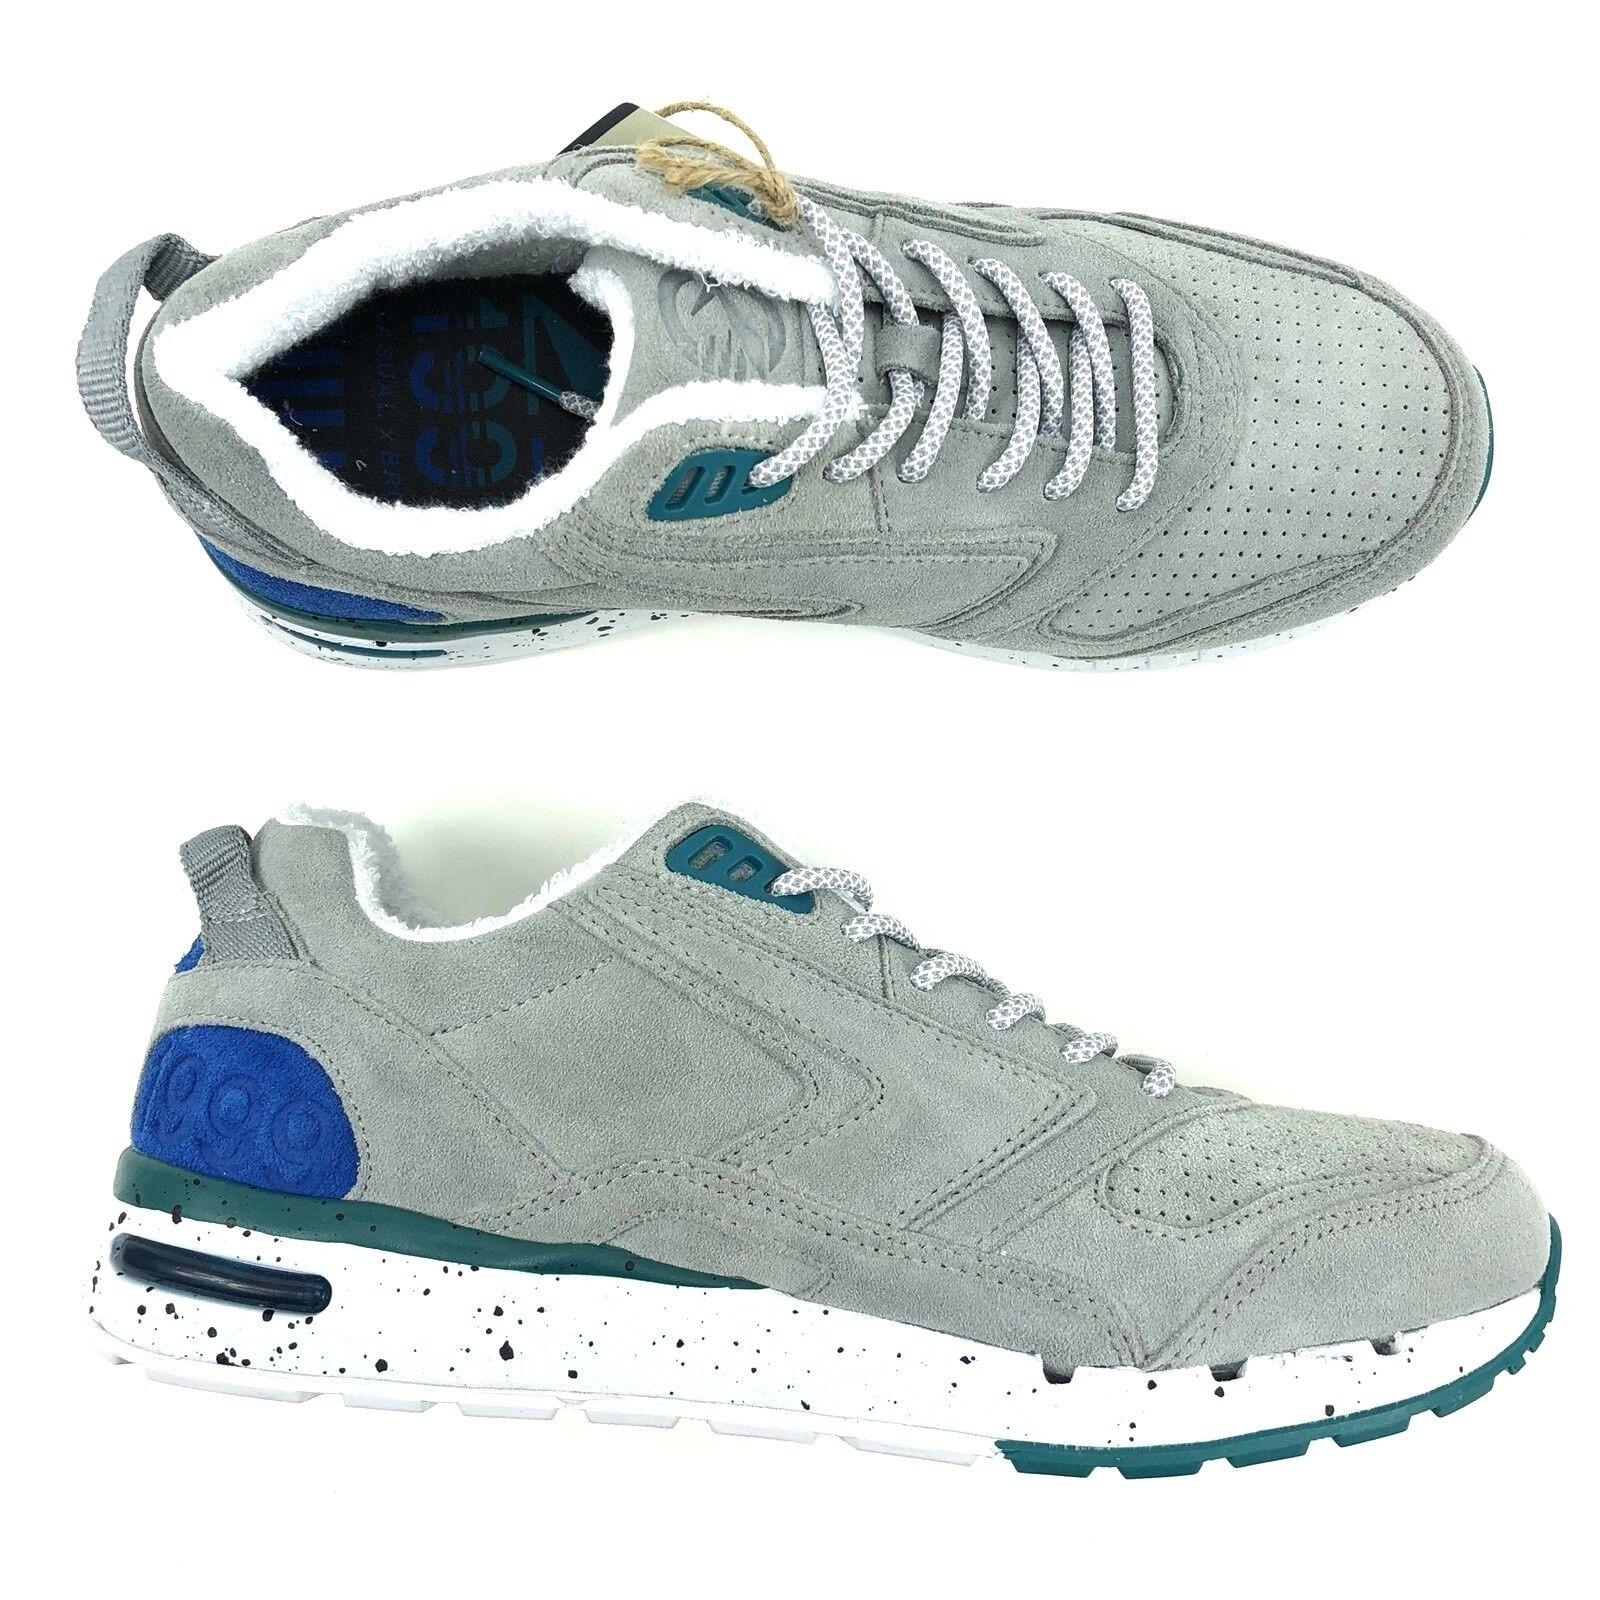 Brooks 1999 Fly Casual fusión gris Zapatos Para Correr Hombres Cuero De Gamuza